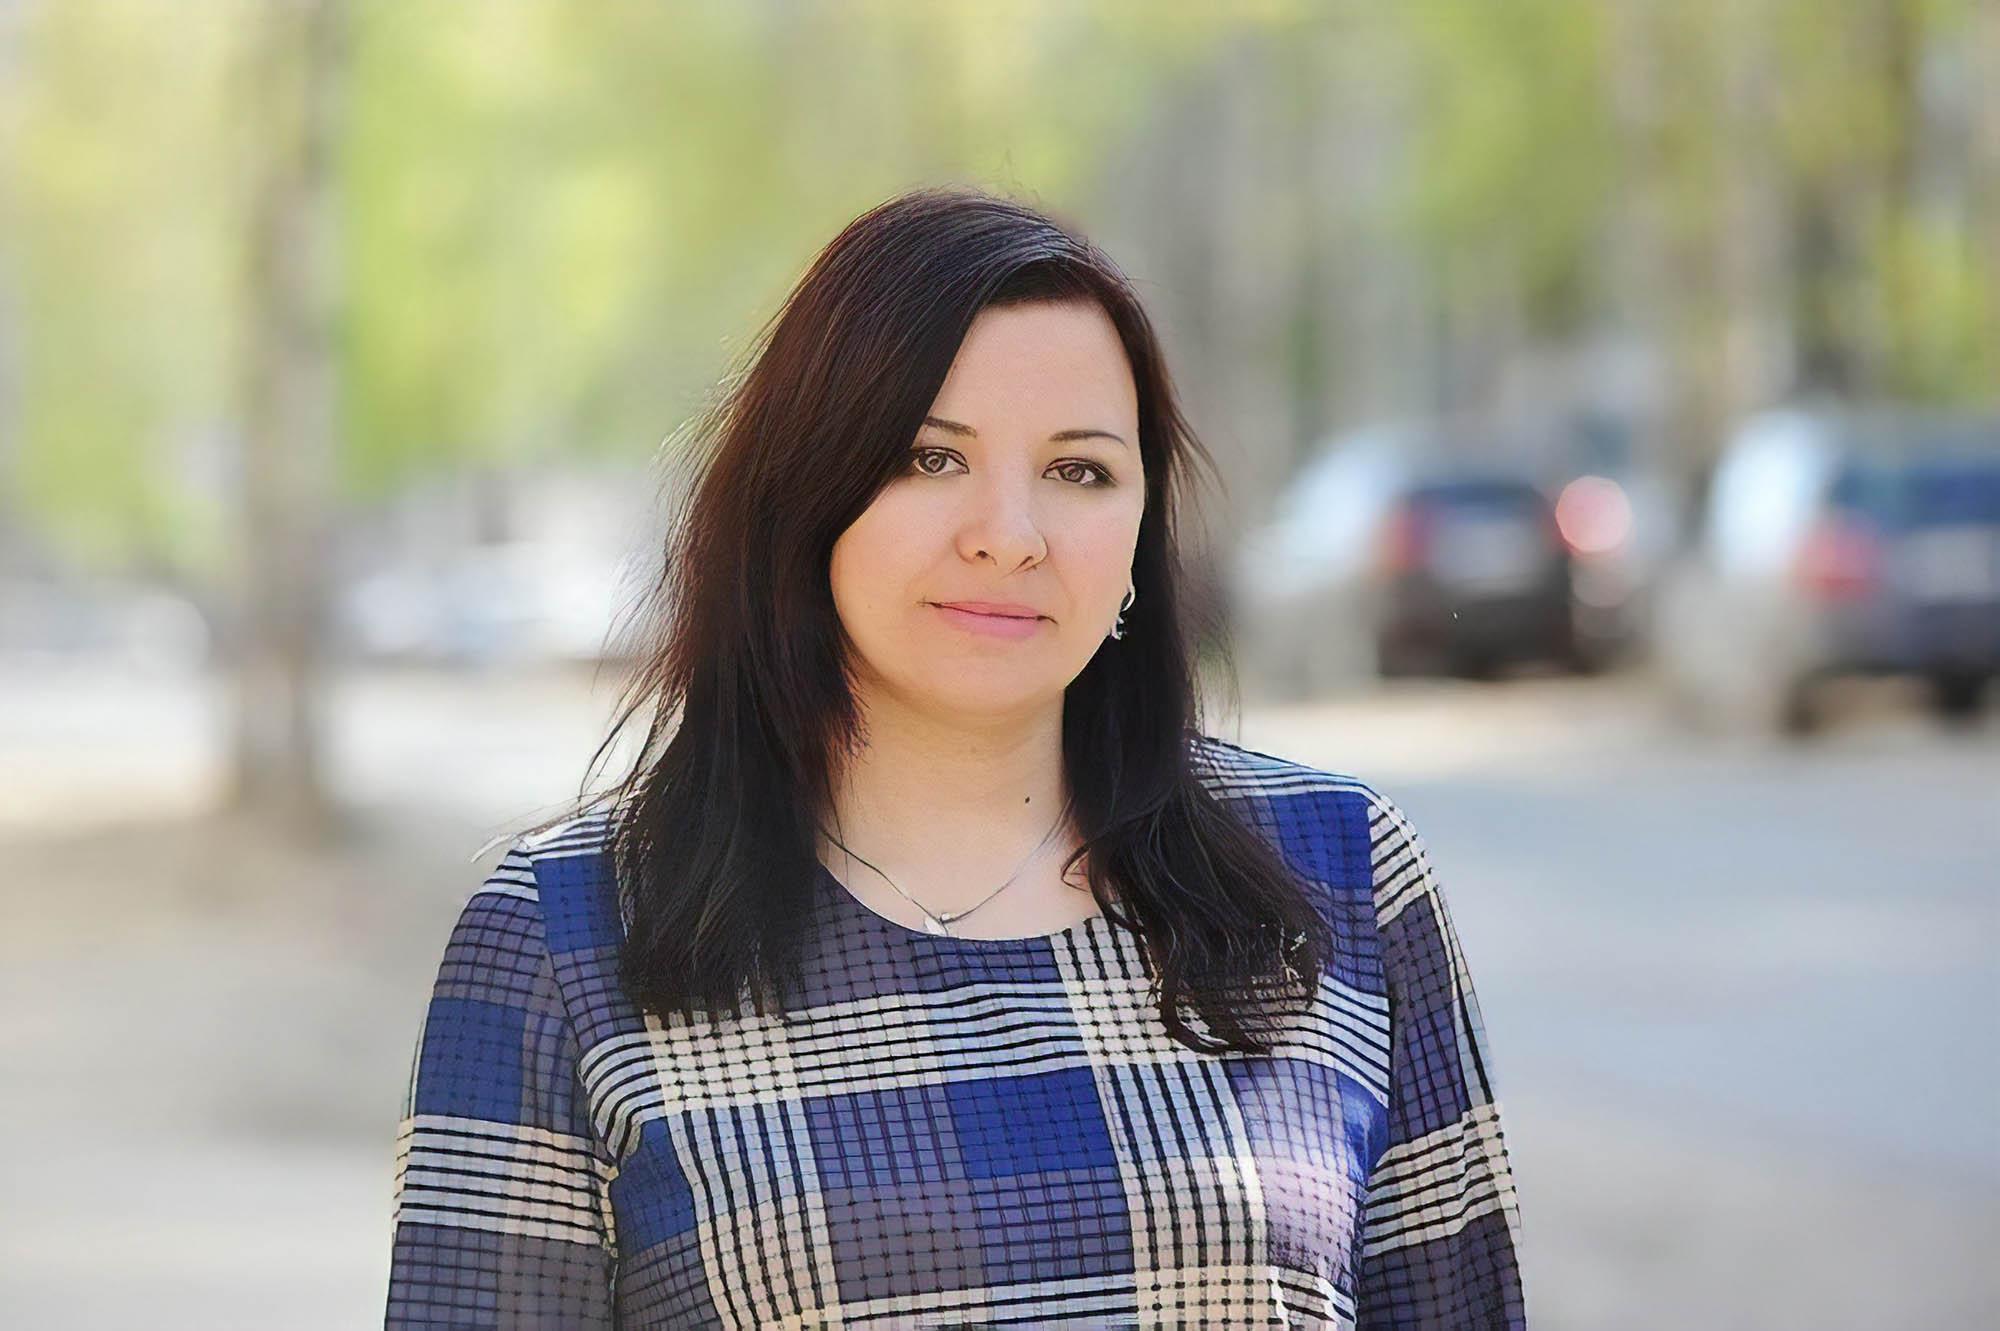 Инга Усачёва решила развивать туризм в регионе